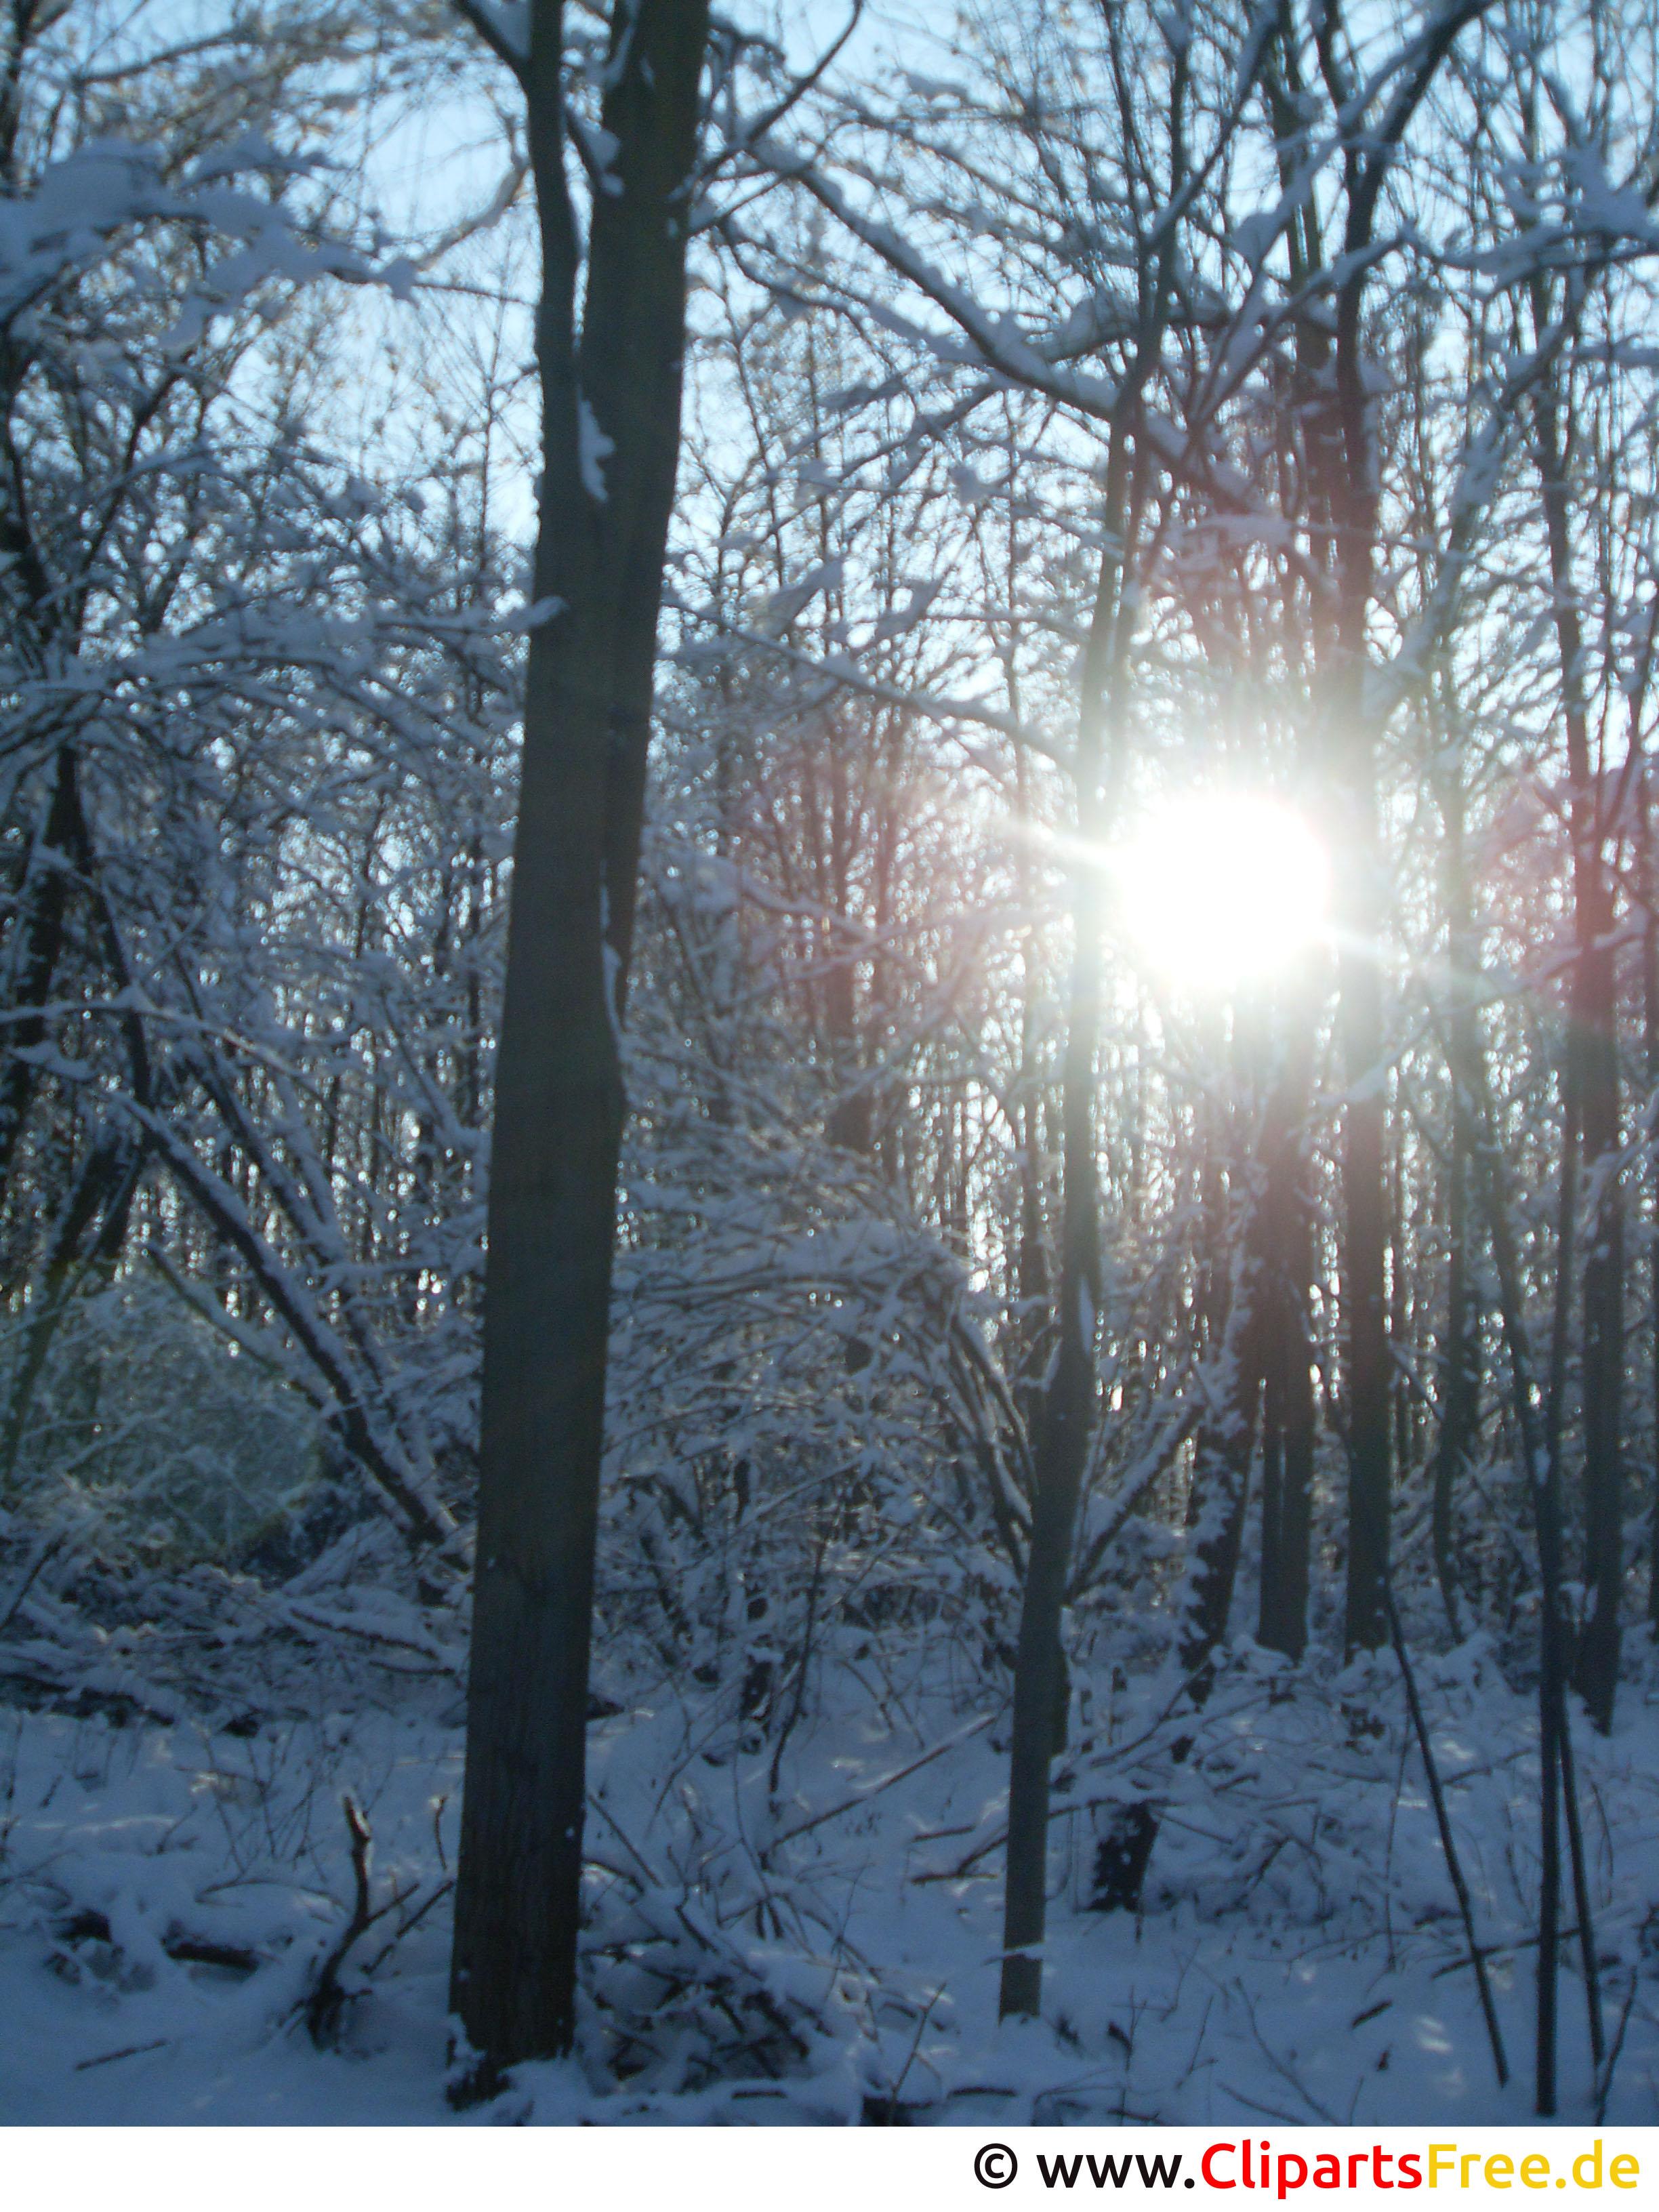 Sonne zwischen den Bäumen Bild, Foto, Grafik kostenlos